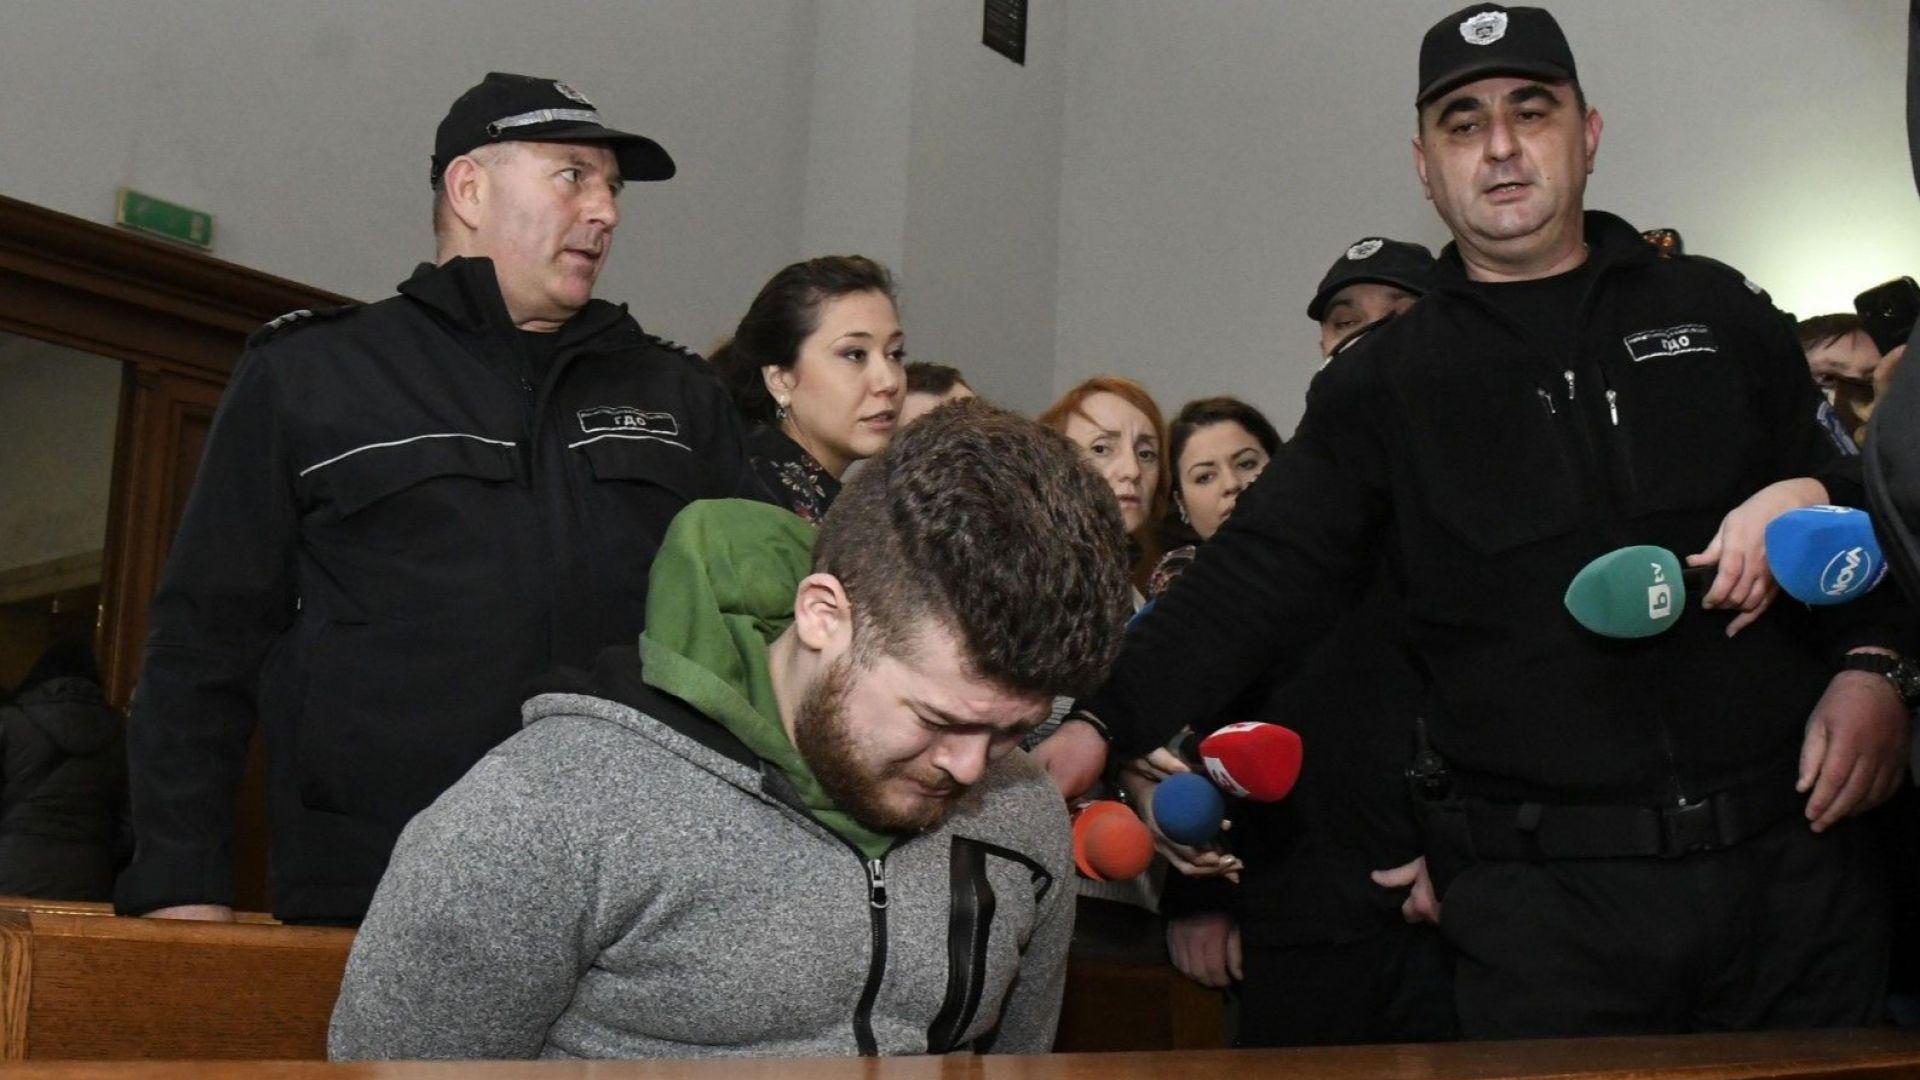 Васил Василев, който е обвинен, че е удушил приятелката си